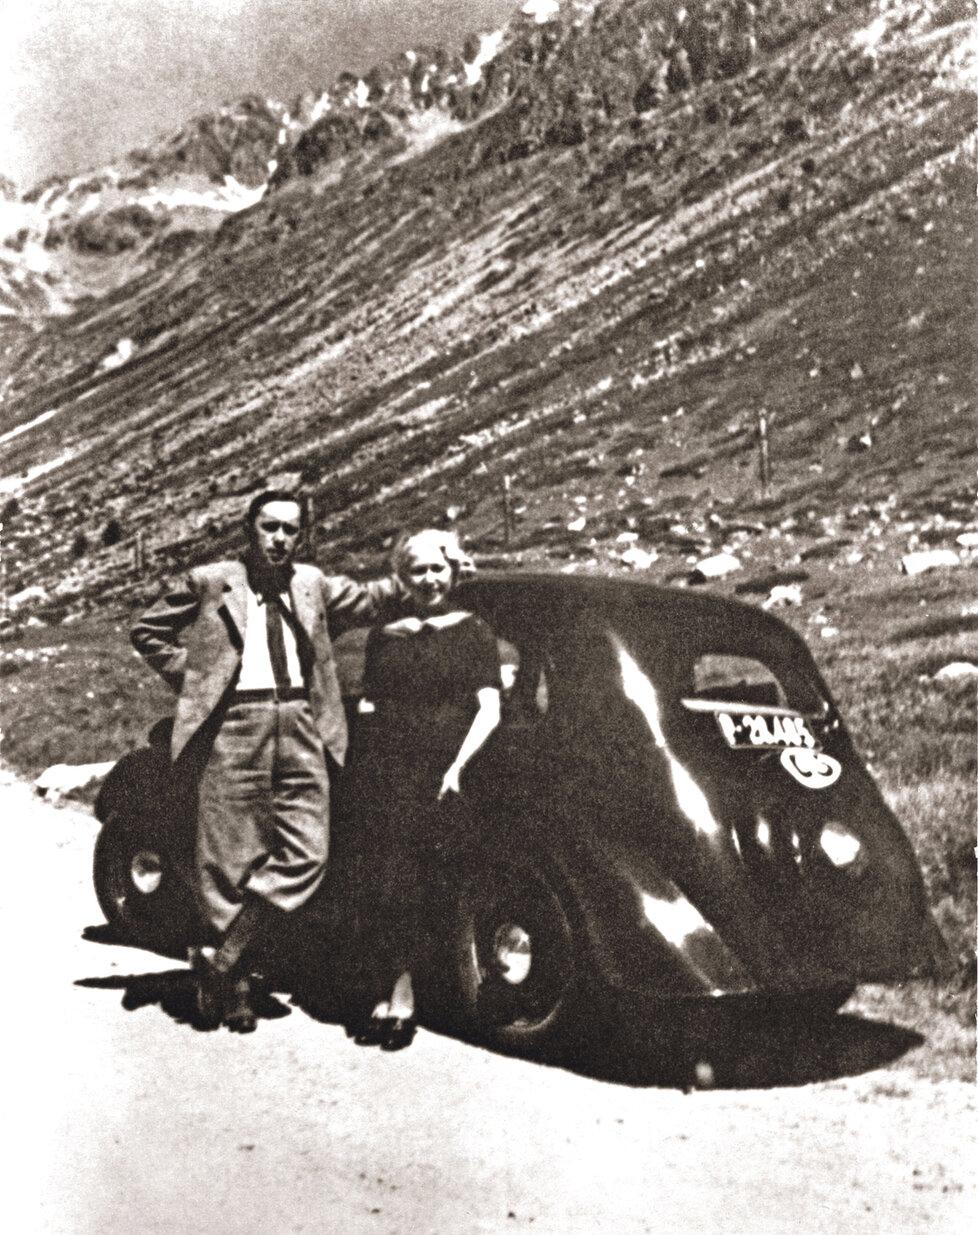 Karel Čapek s přítelkyní a budoucí manželkou, herečkou Olgou a Scheinpflugovou, v létě 1935 na švýcarském Julier Passu (2284 m n. m.).